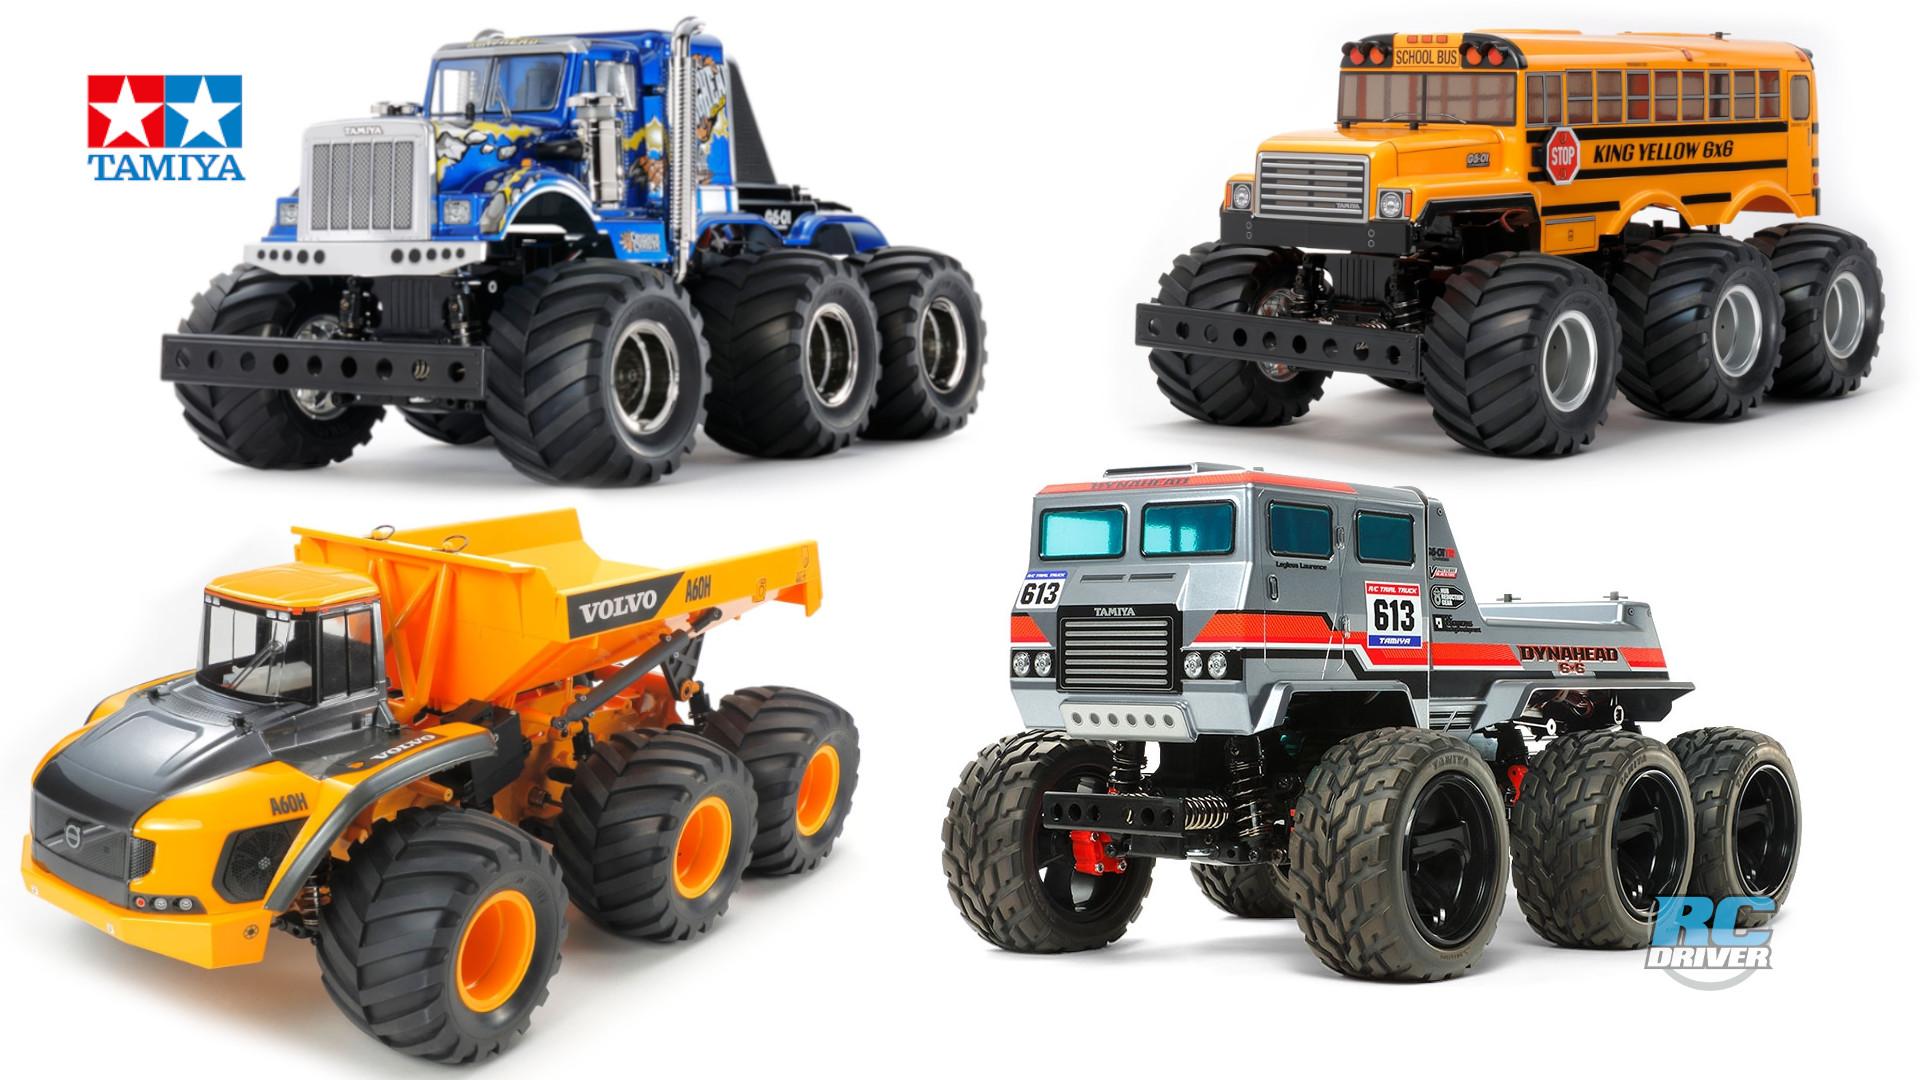 Tamiya 6x6 truck lineup, a closer look